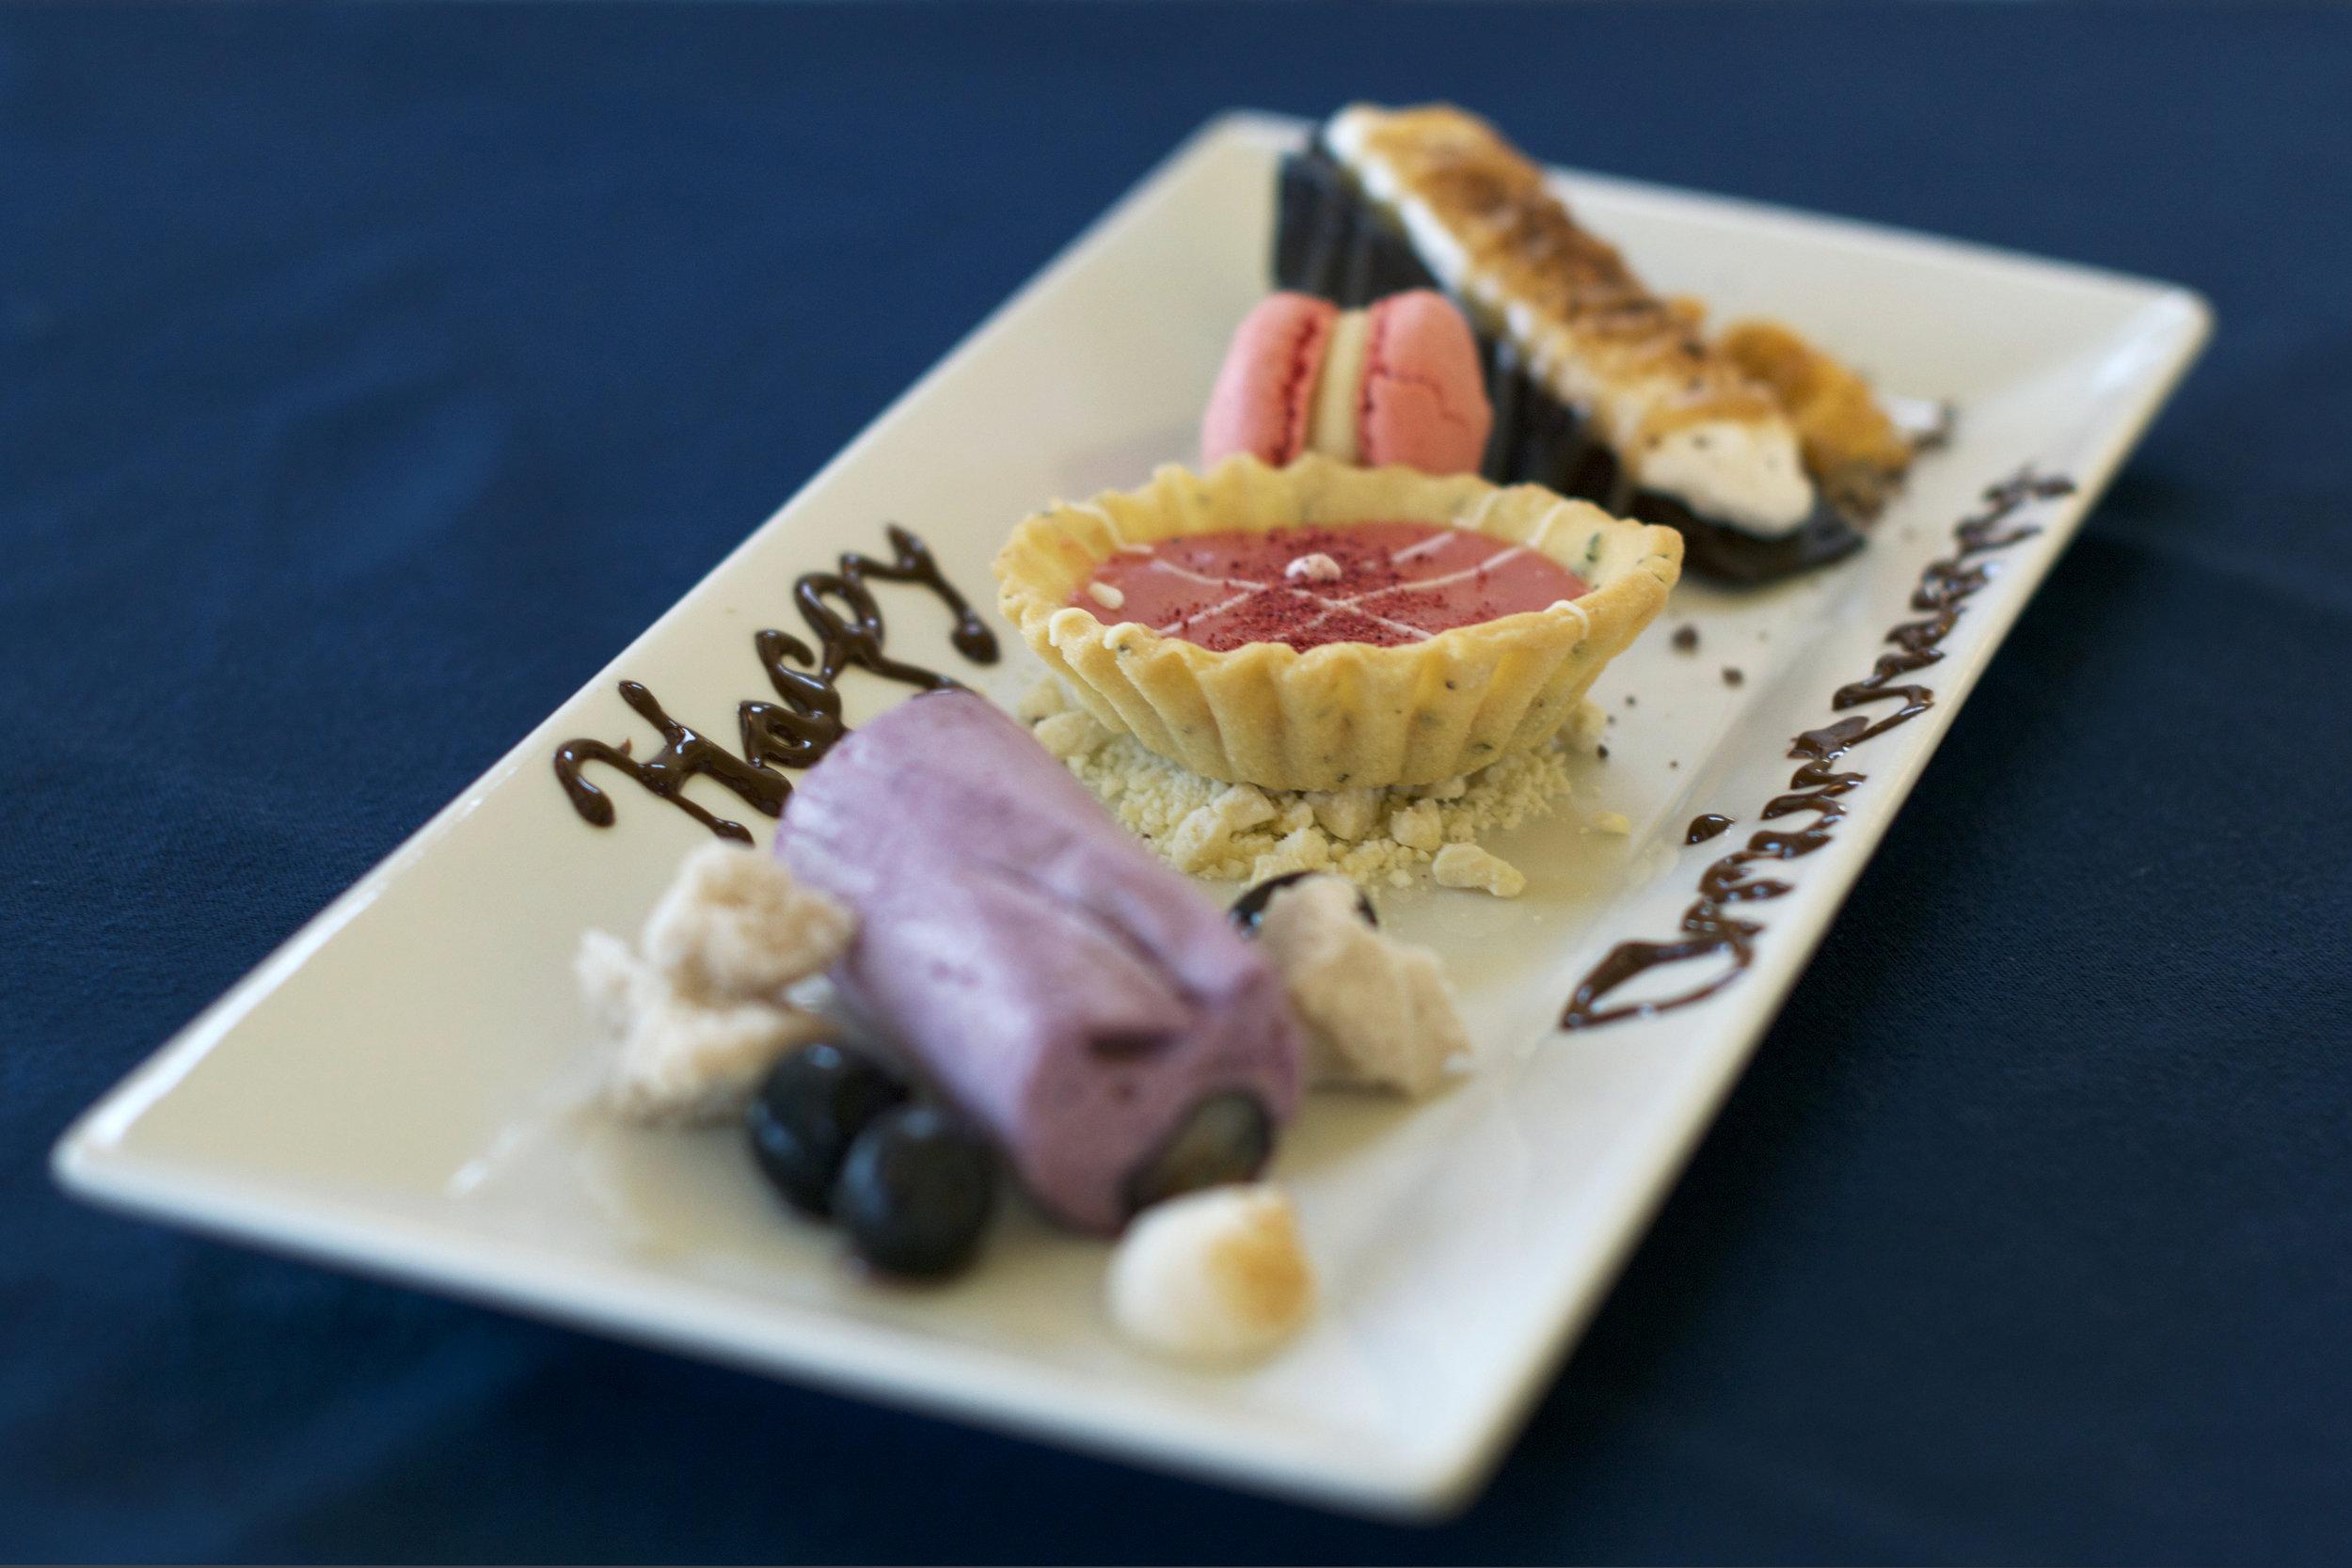 happy-anniversary-sampler-dessert.jpg